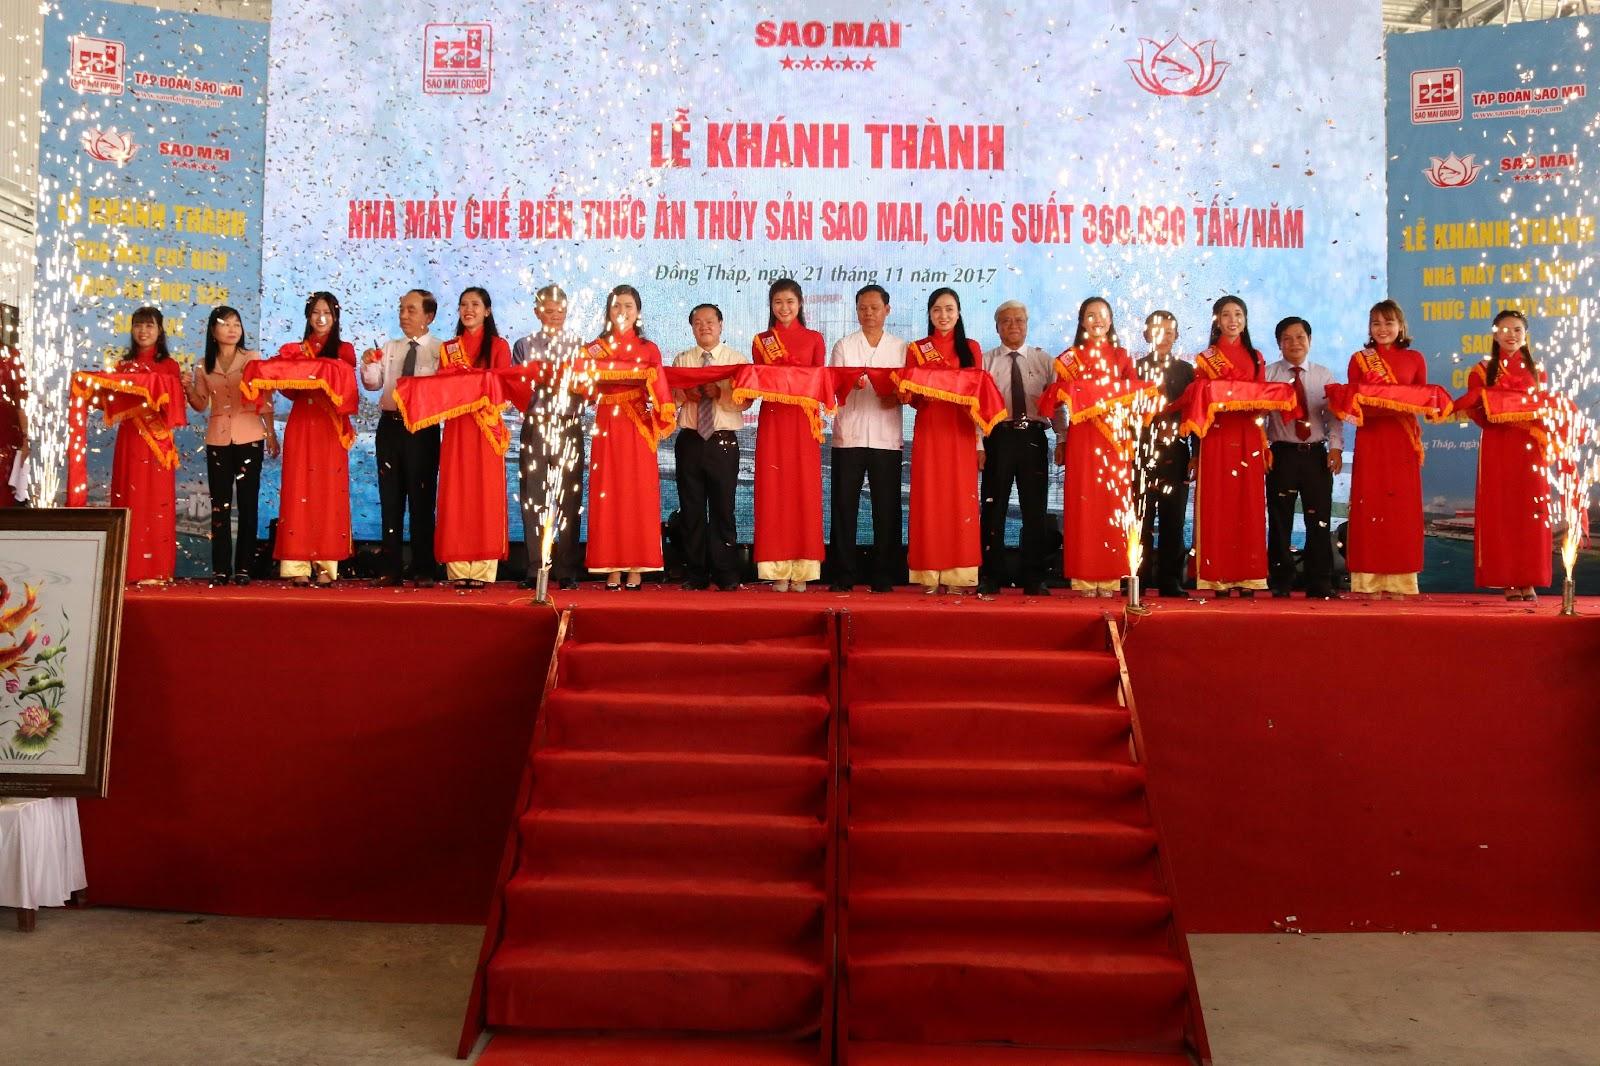 Ông Lê Thanh Thuấn - Chủ tịch HĐQT Sao Mai Group cùng lãnh đạo Sở ban ngành các tỉnh An Giang, Đồng Tháp, Cần Thơ thực hiện nghi thức cắt băng khánh thành.JPG